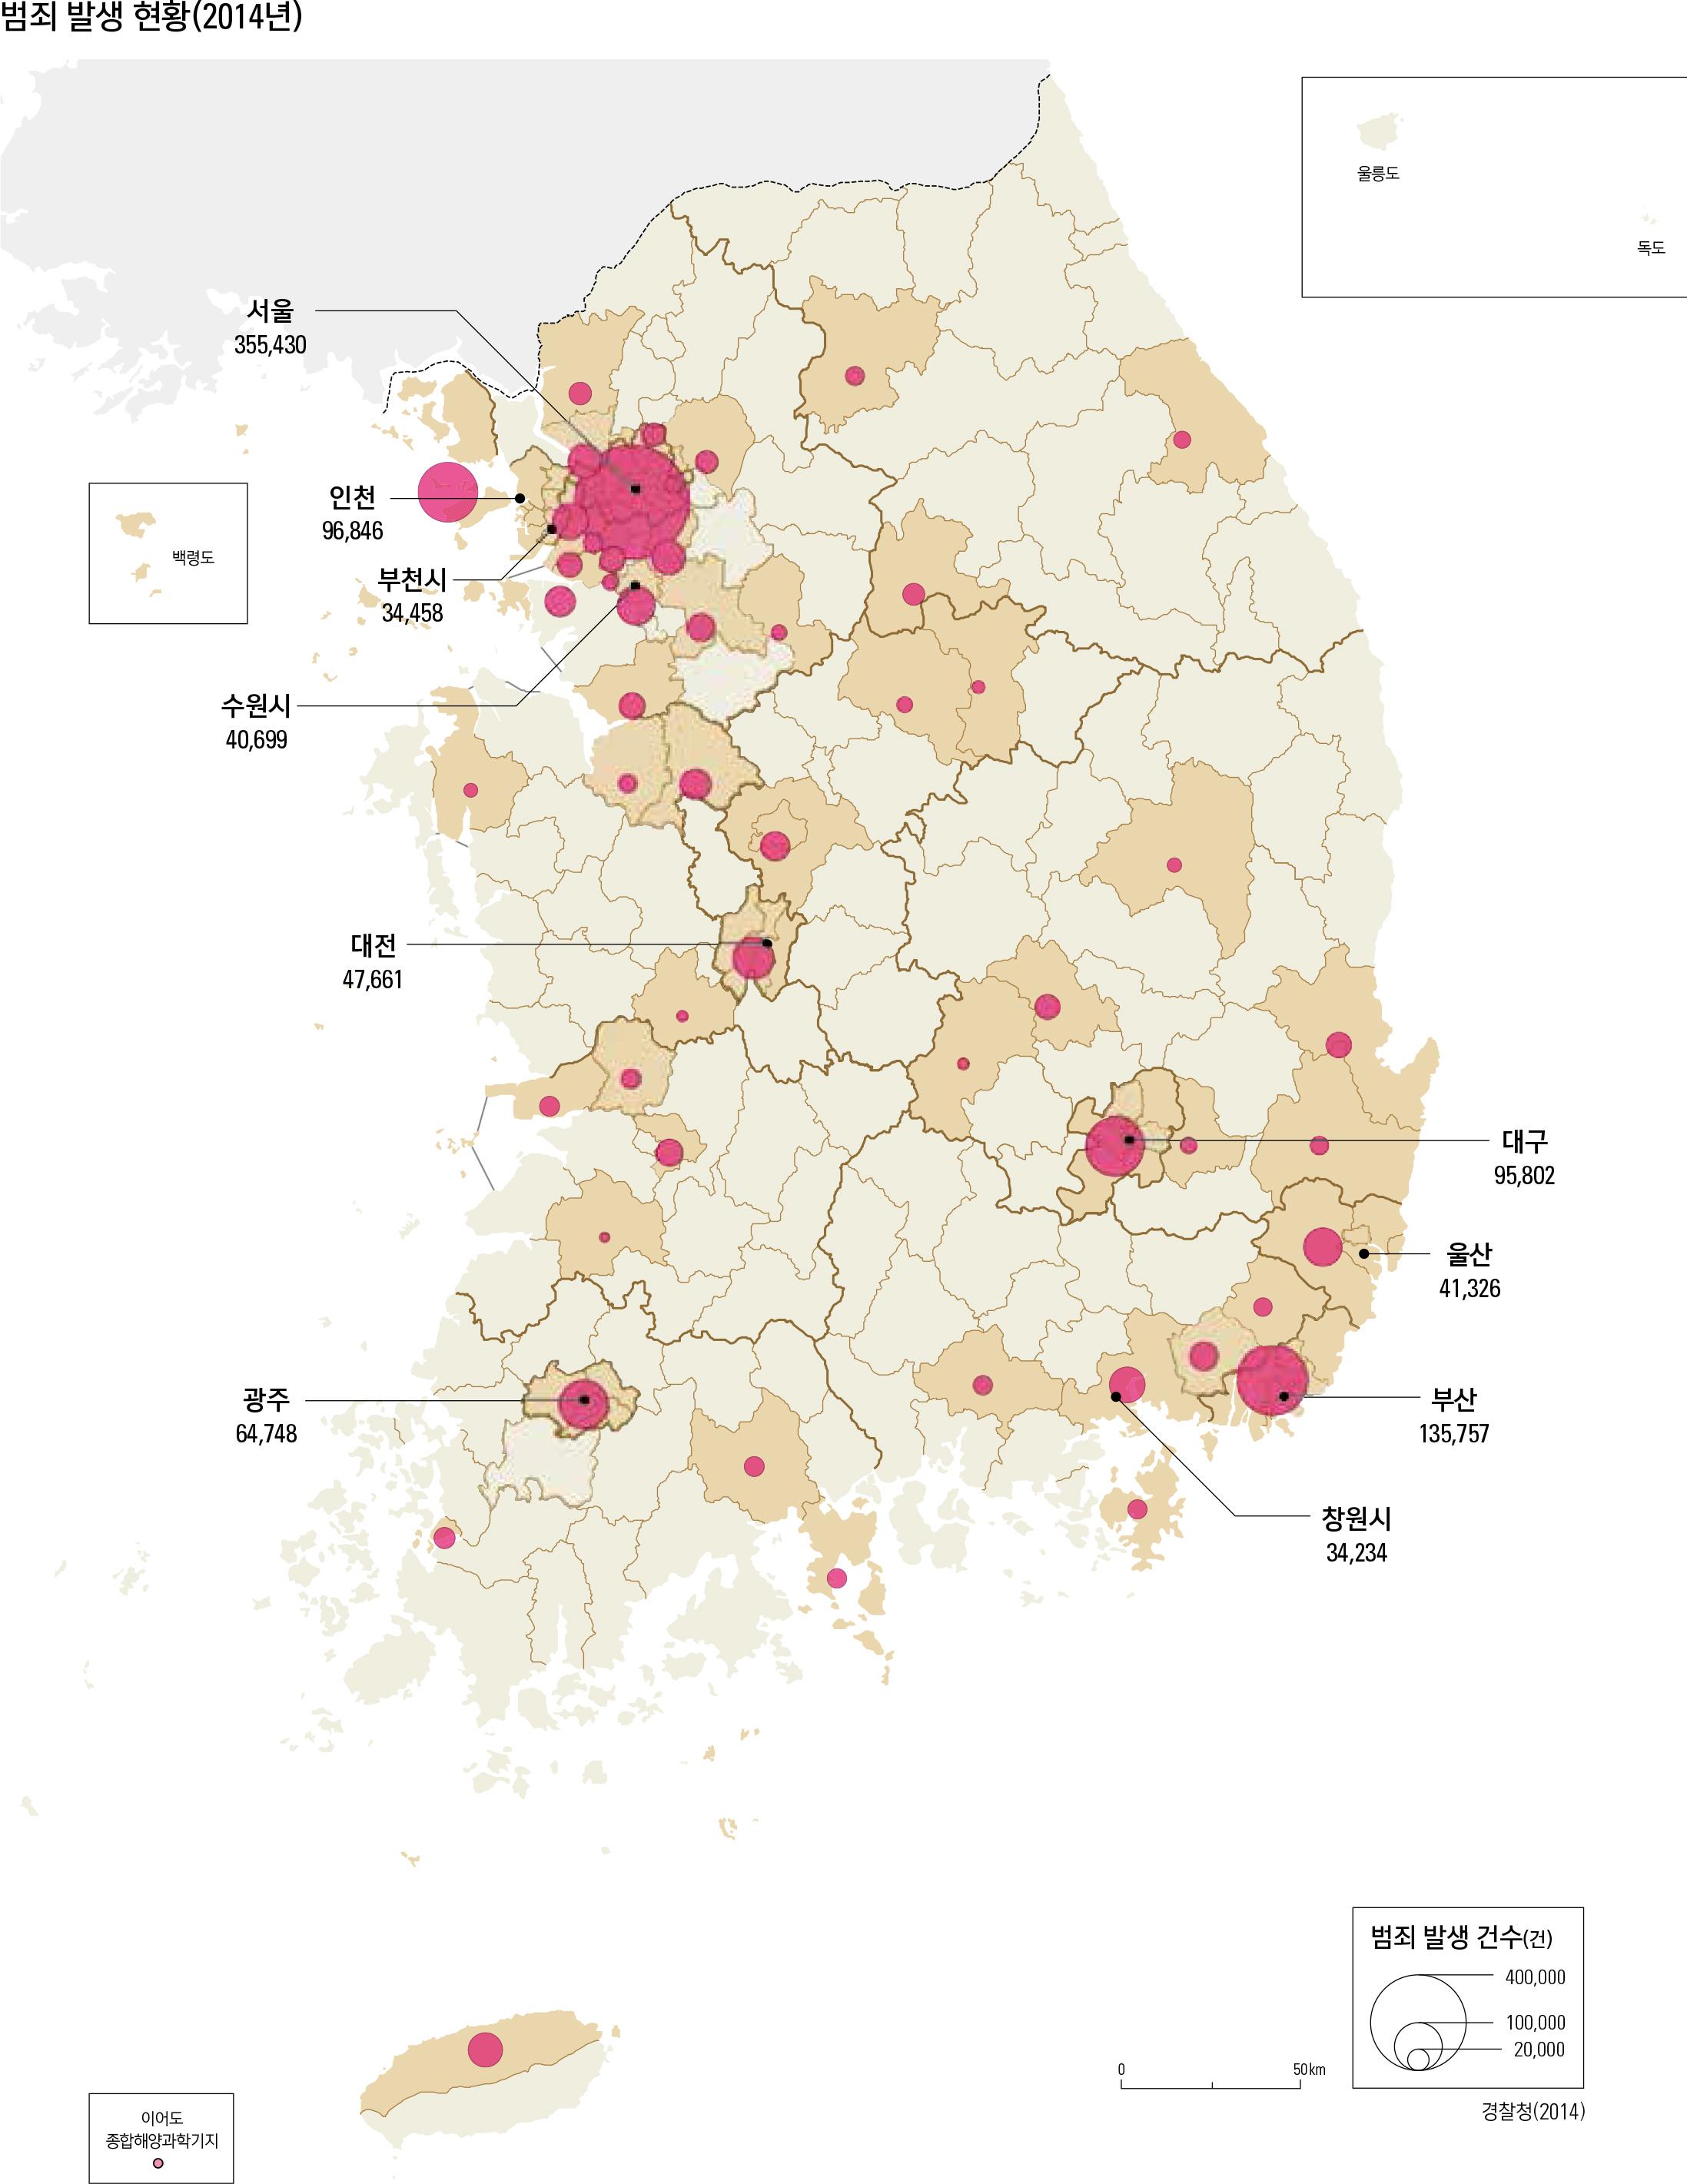 범죄 발생 현황(2014년)